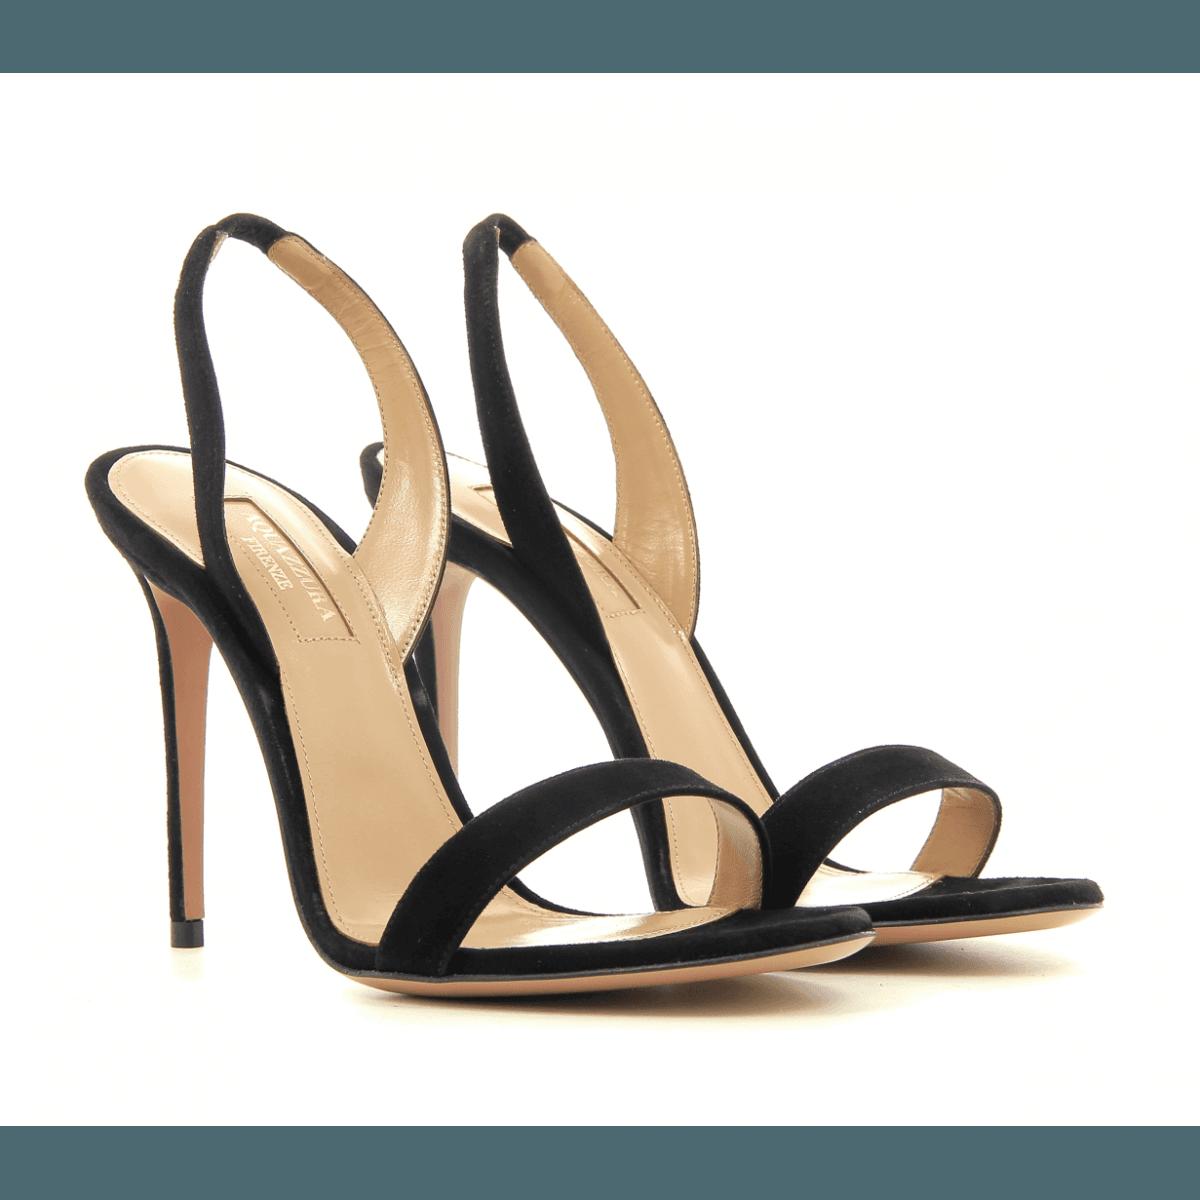 Sandales à talons aiguille en cuir noir  Aquazzura - SO NUDE SANDAL105